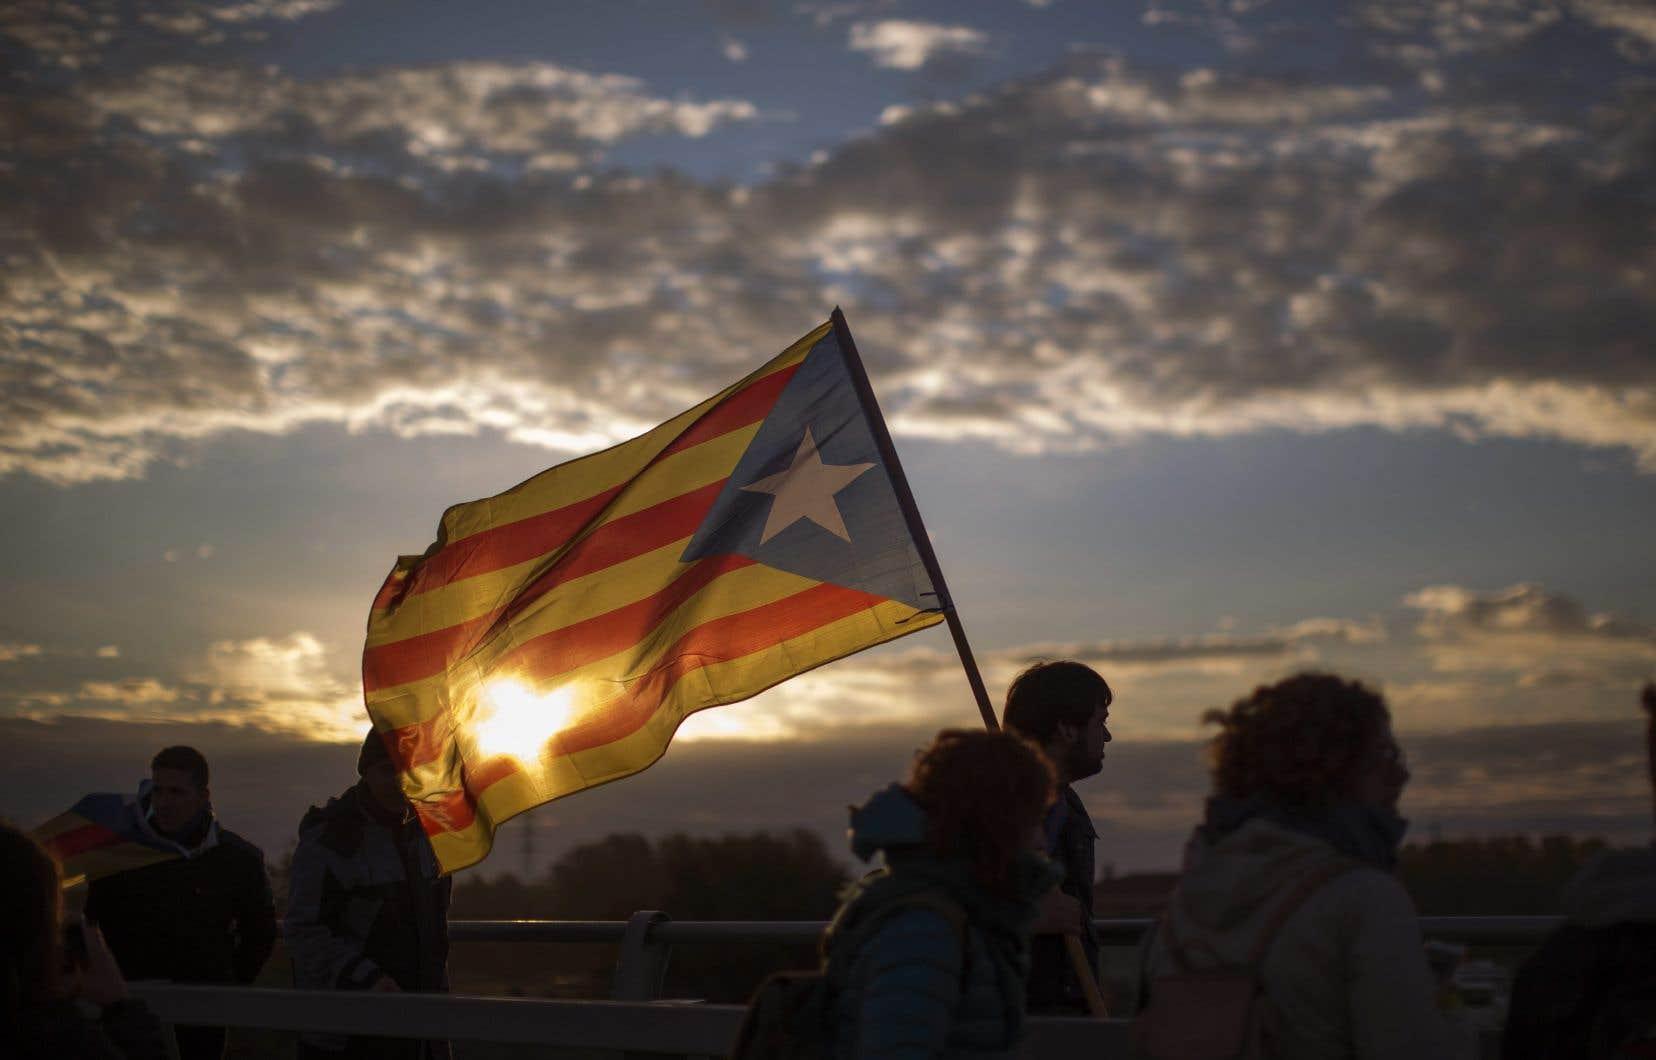 La décision survient alors qu'un appel à la grève lancé par un syndicat indépendantiste affectait le trafic routier et ferroviaire en Catalogne.